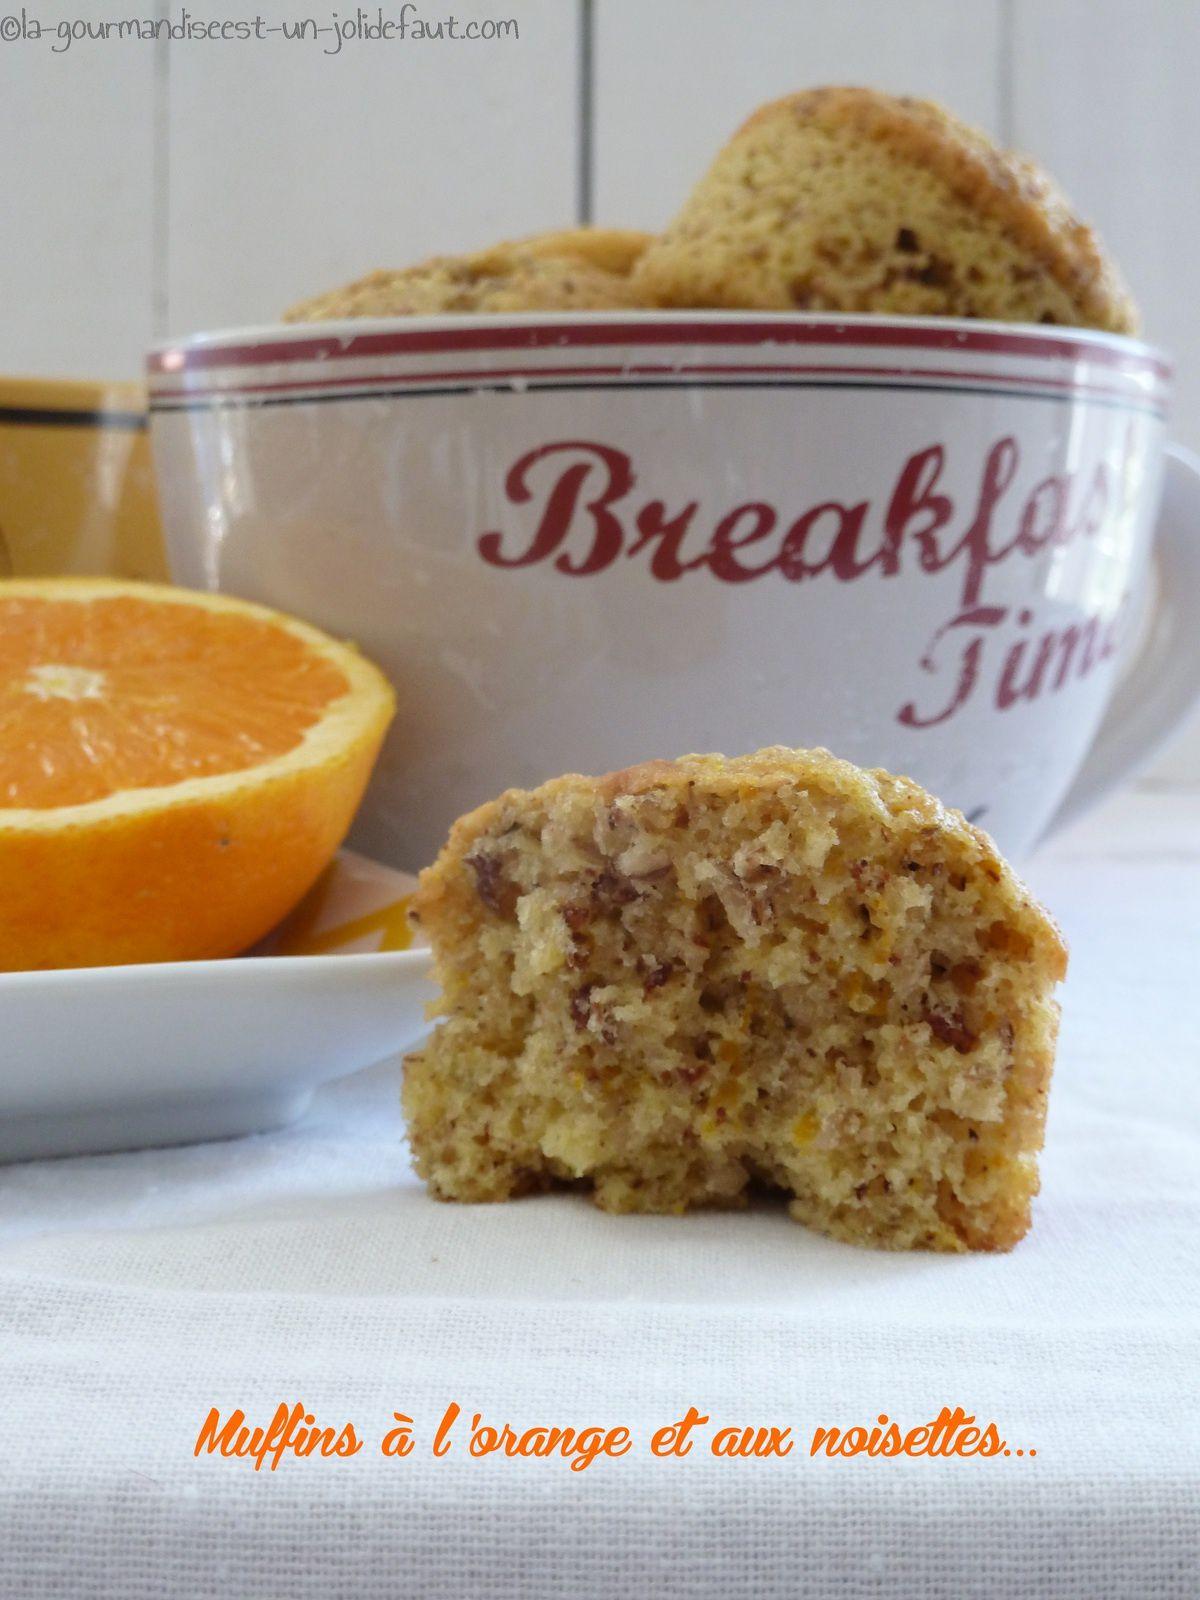 Muffins à l'orange et aux noisettes